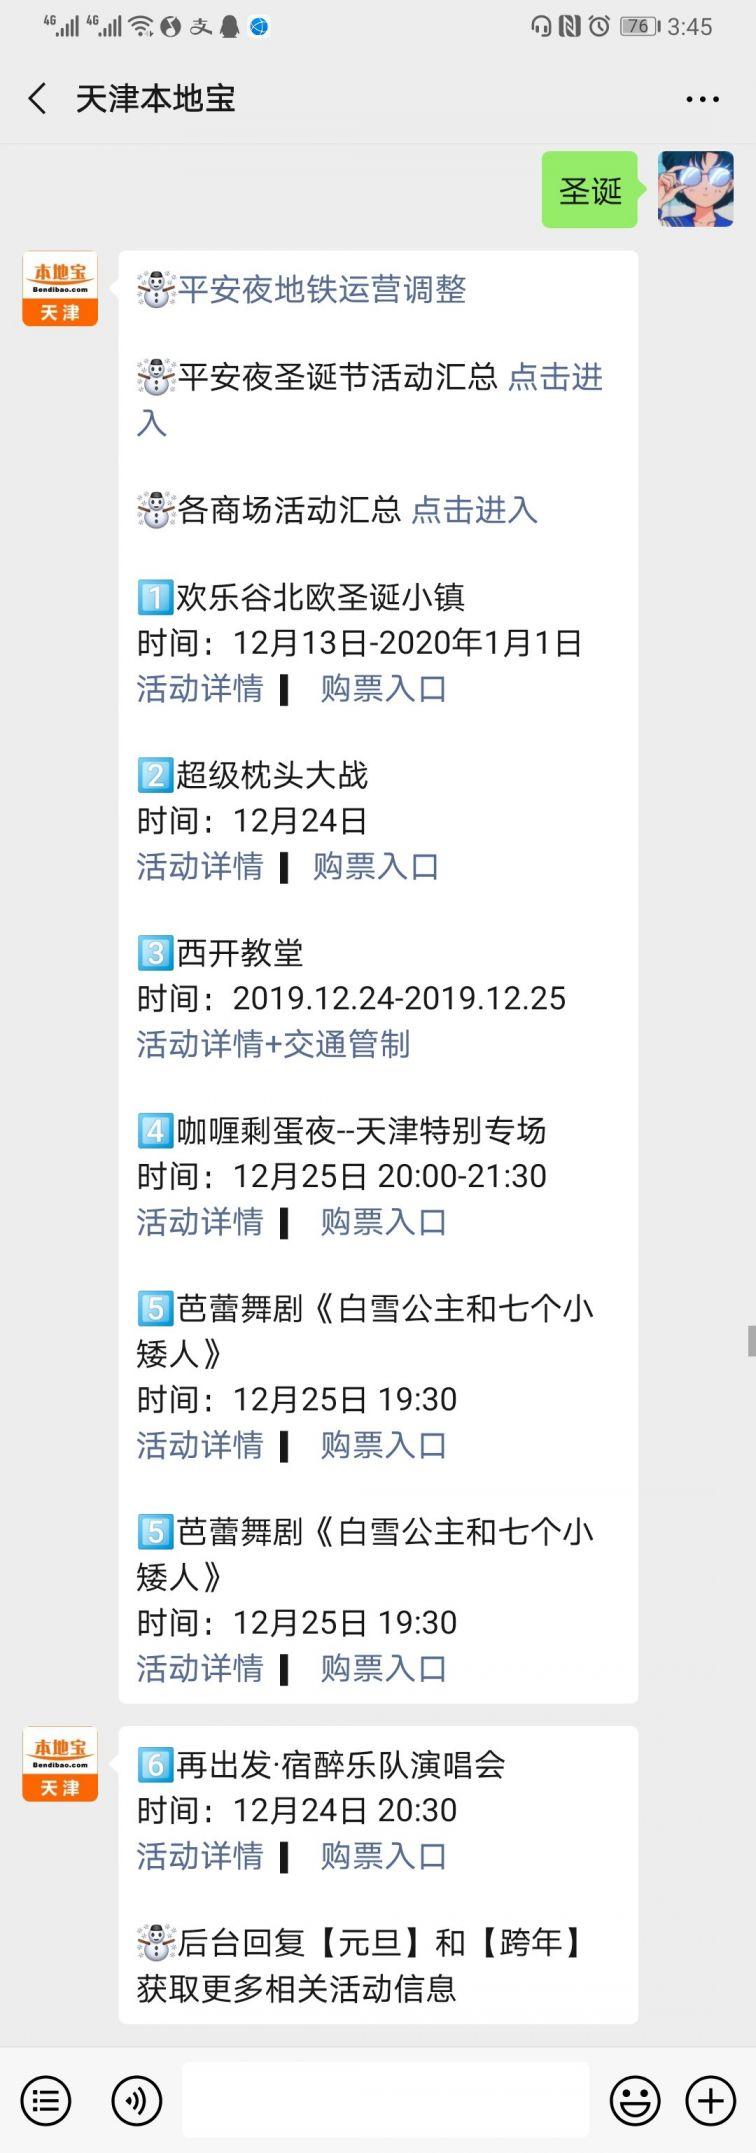 2019天津圣诞节活动汇总(持续更新)